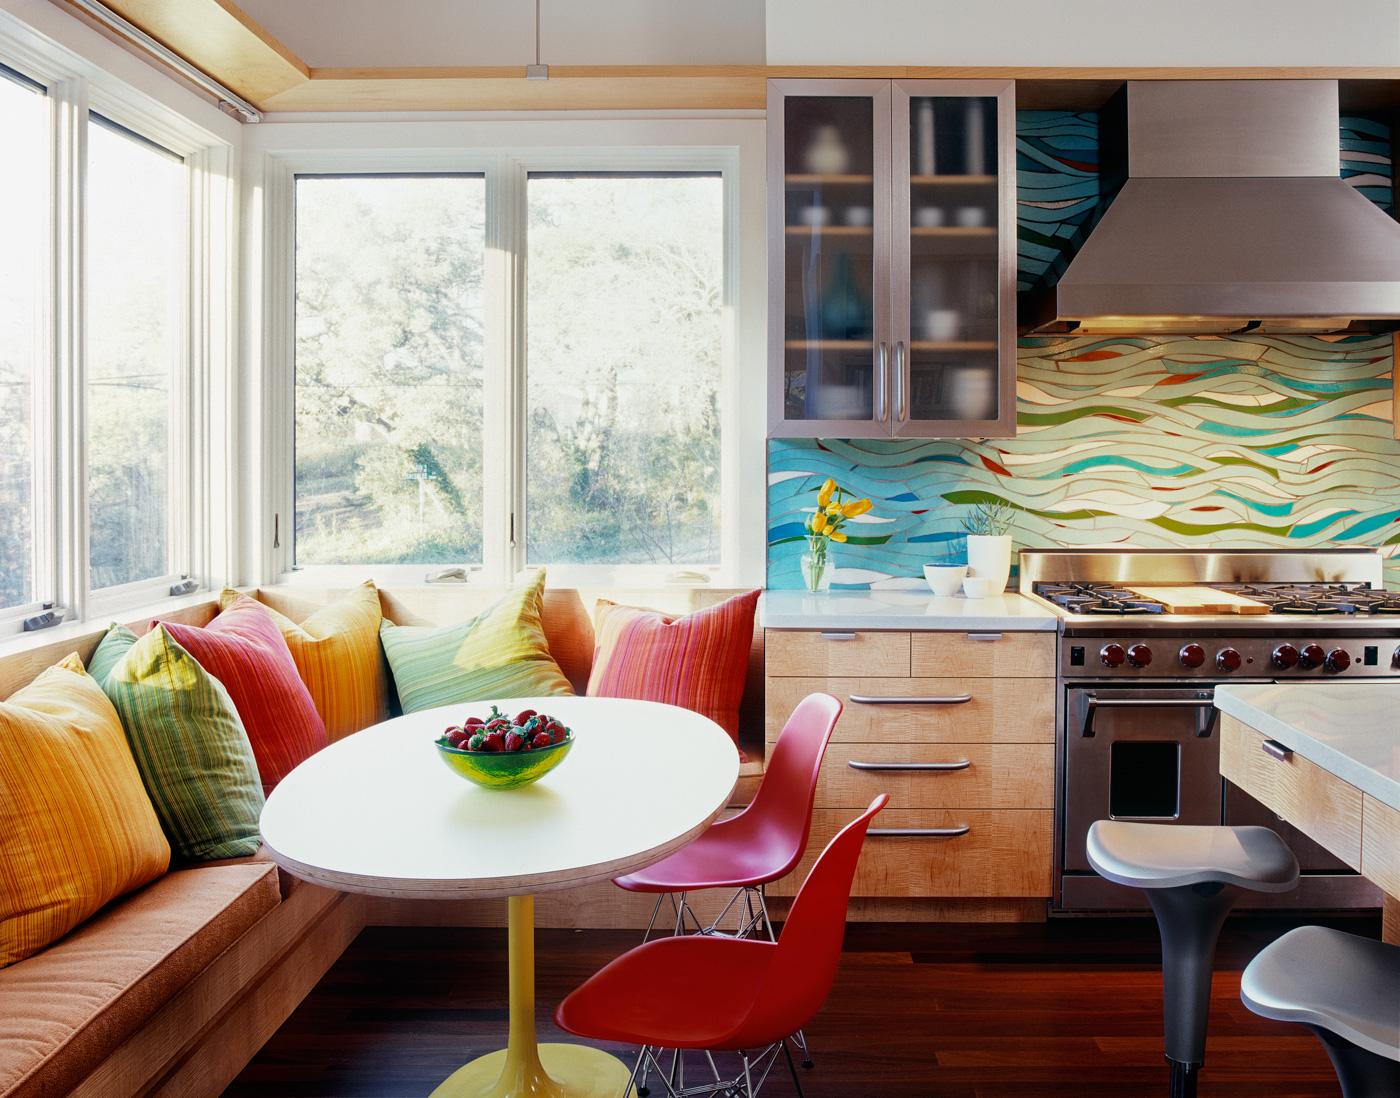 кухня 10 кв м с диваном фото идеи